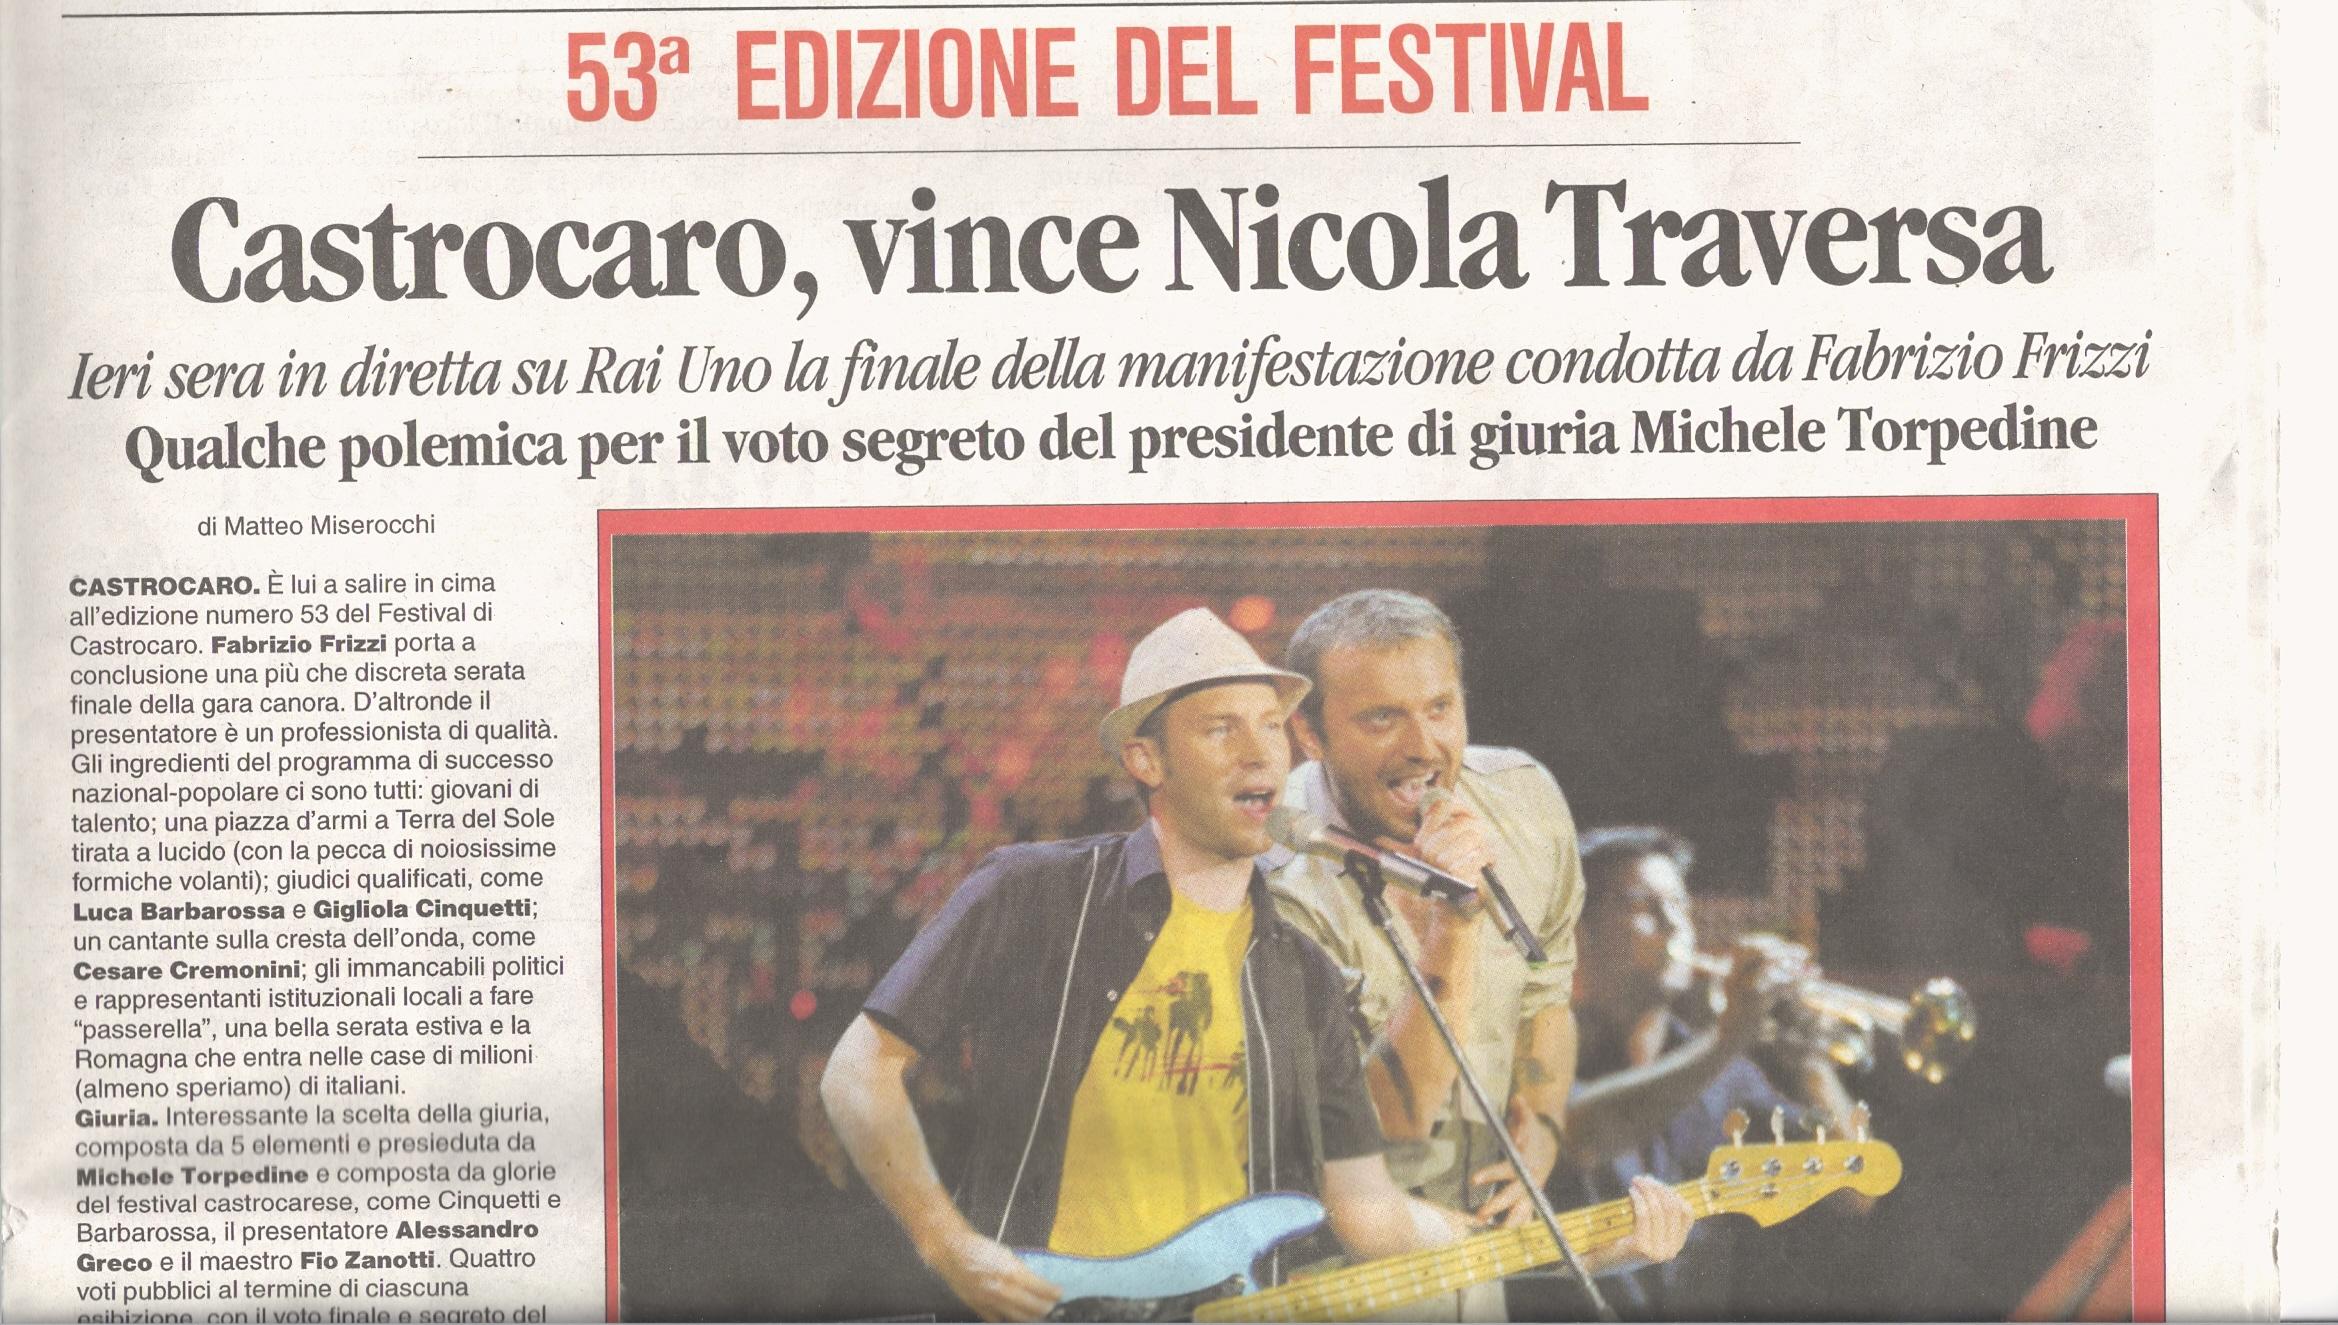 Corriere di Romagna, Fc, 17_07_2010 2